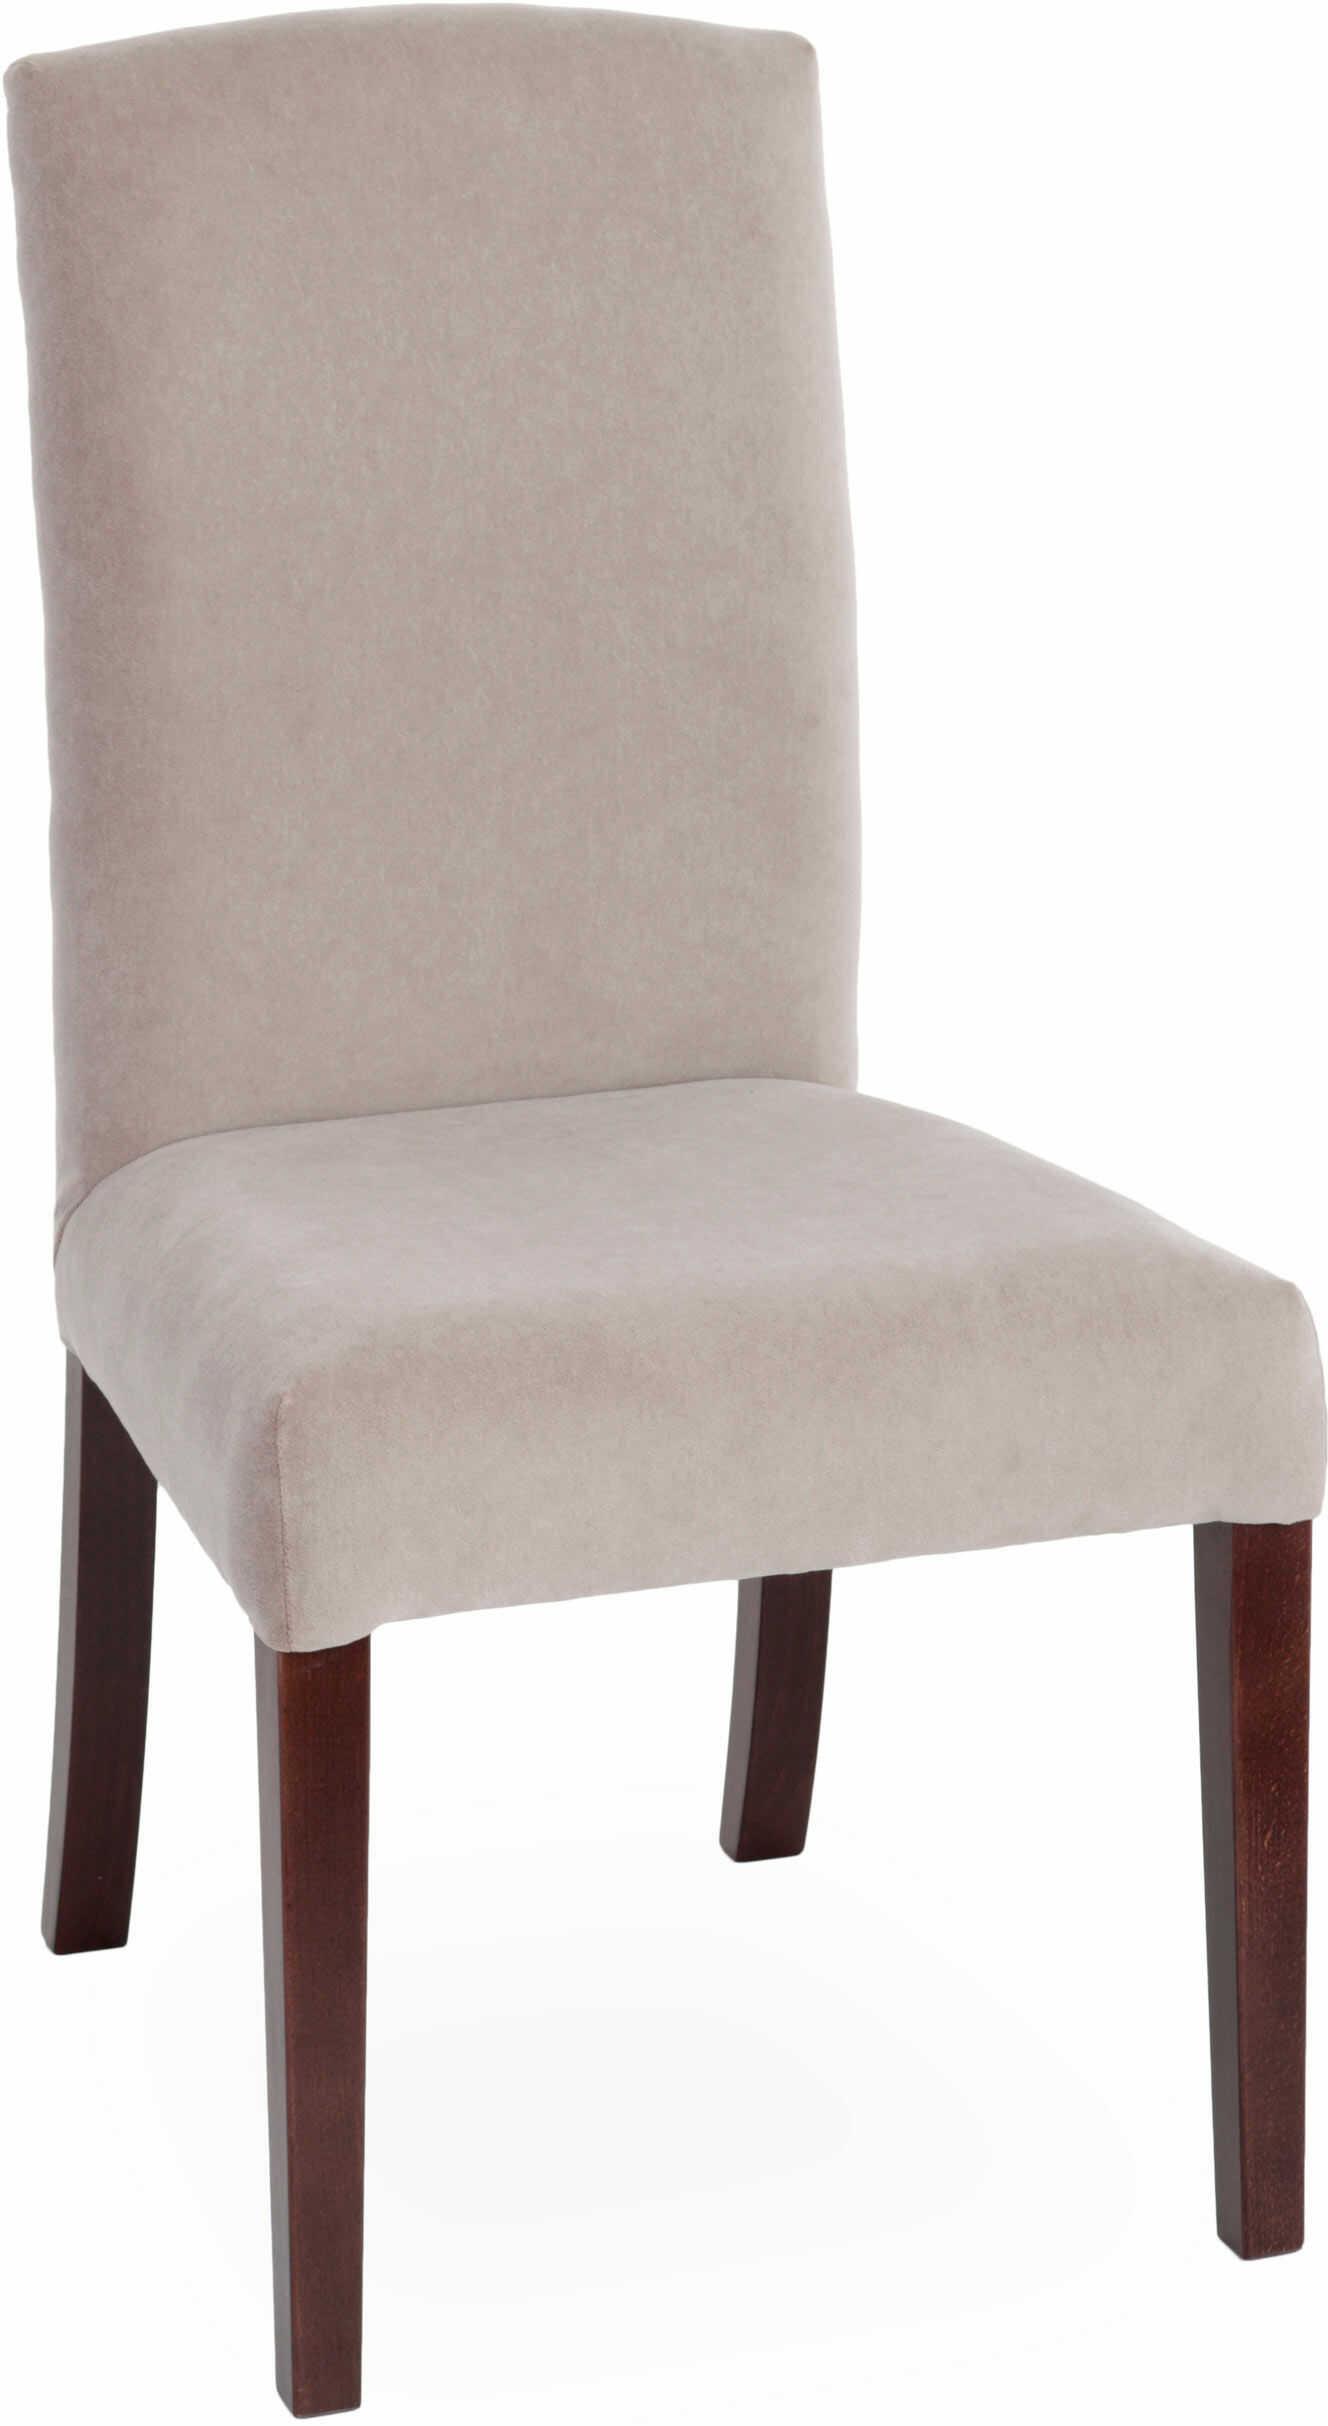 Krzesło Astoria, klasyczne, wygodne, bestsellerowe, do jadalni, do salonu, stylowe, do restauracji, tapicerowane, ponadczasowe